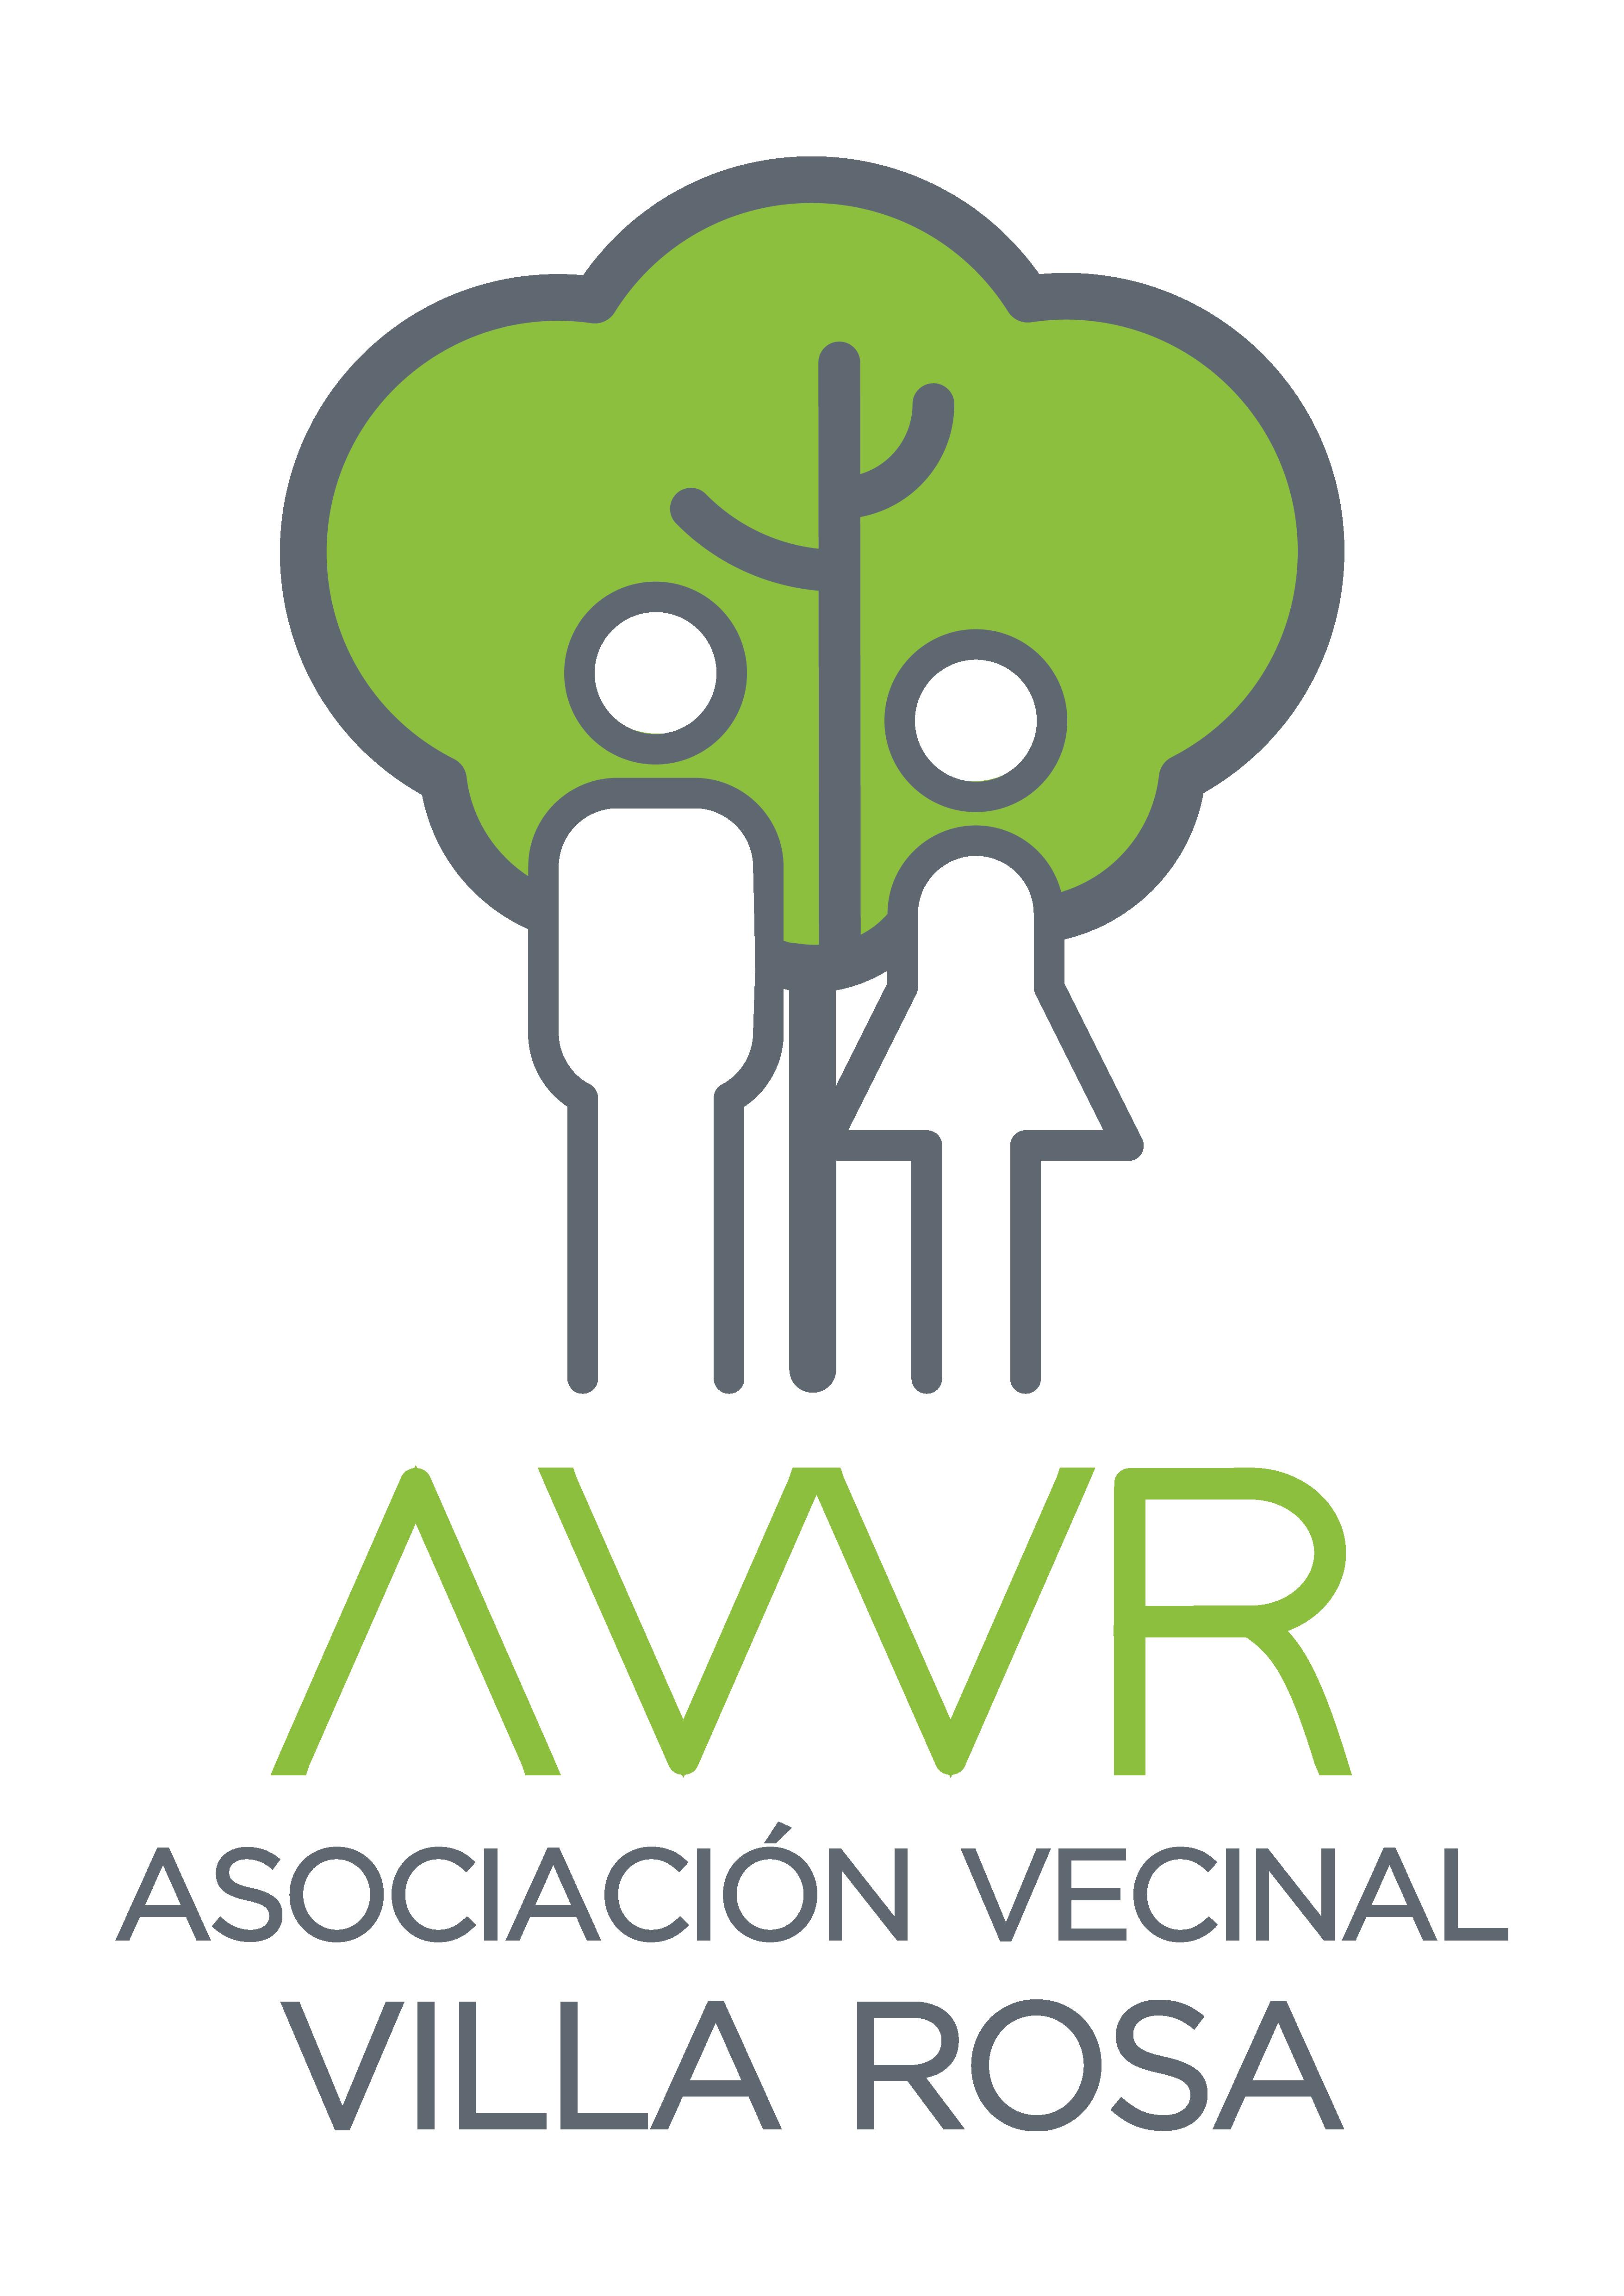 Asociación Vecinal Villa Rosa